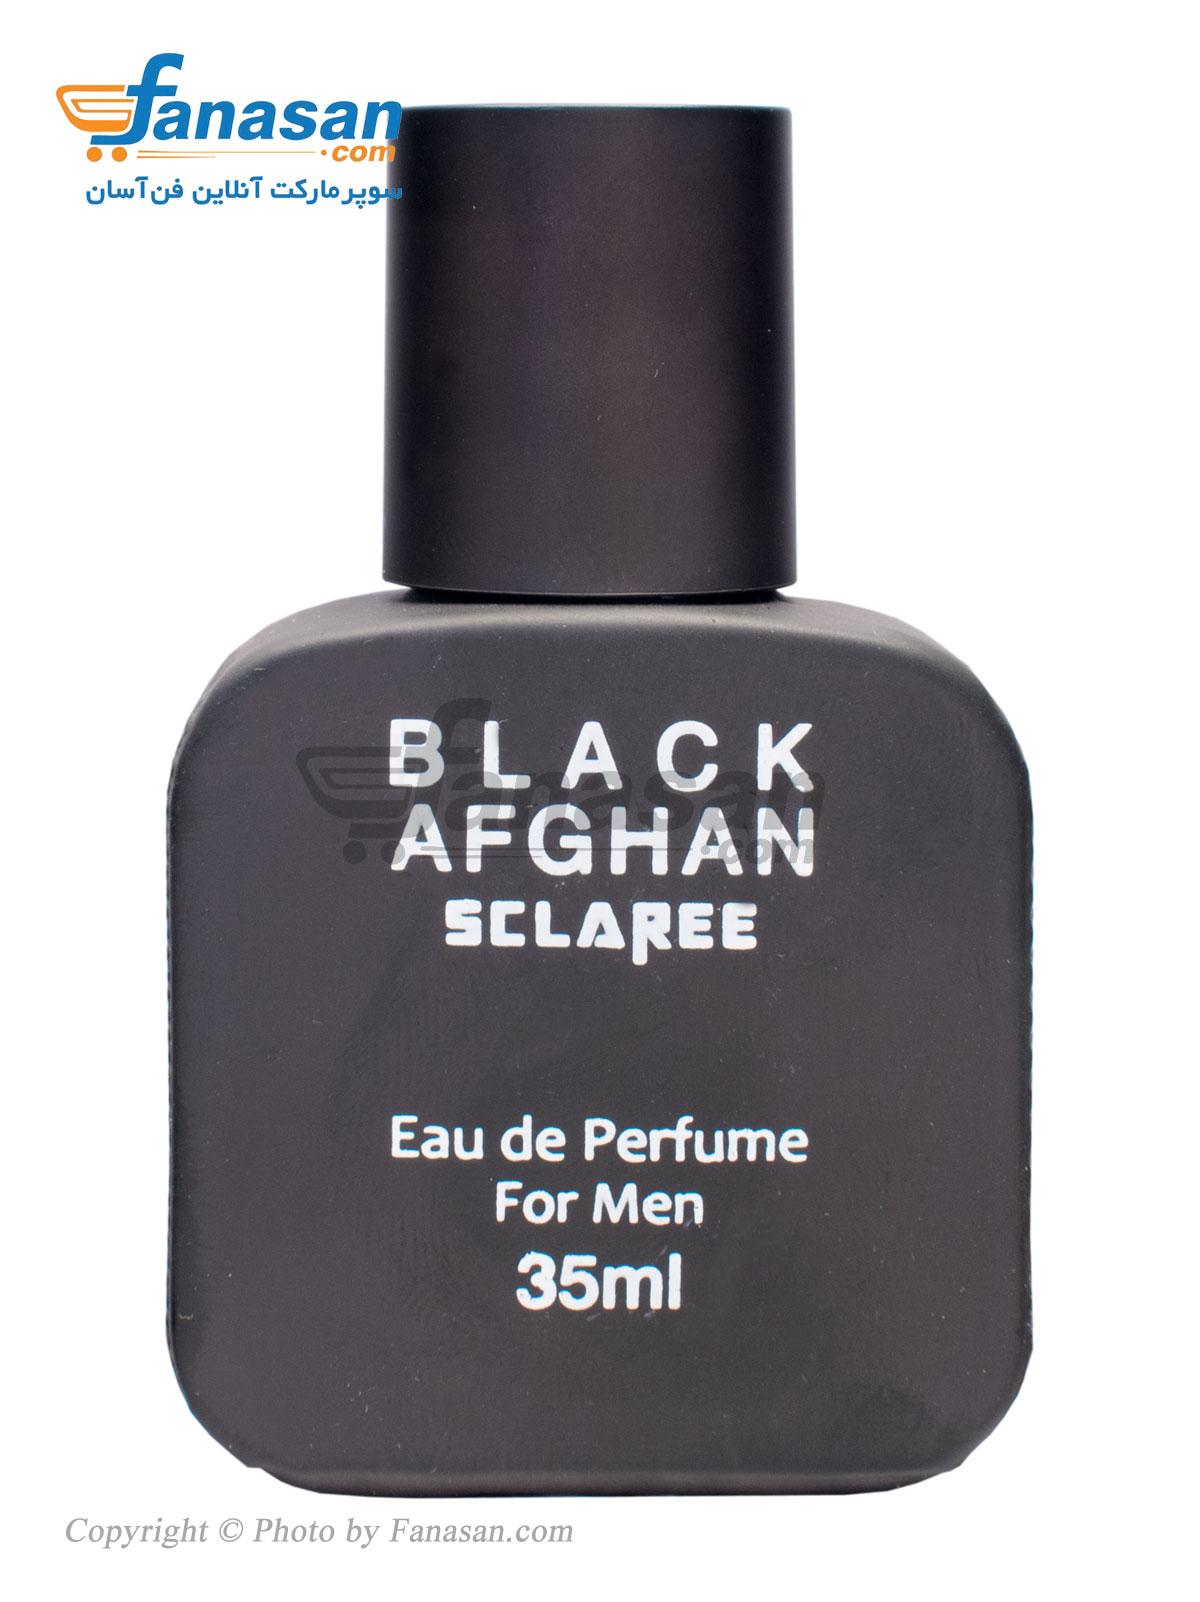 ادو پرفیوم اسکلاره با رایحه Black Afghan مناسب برای آقایان 35 میلی لیتر